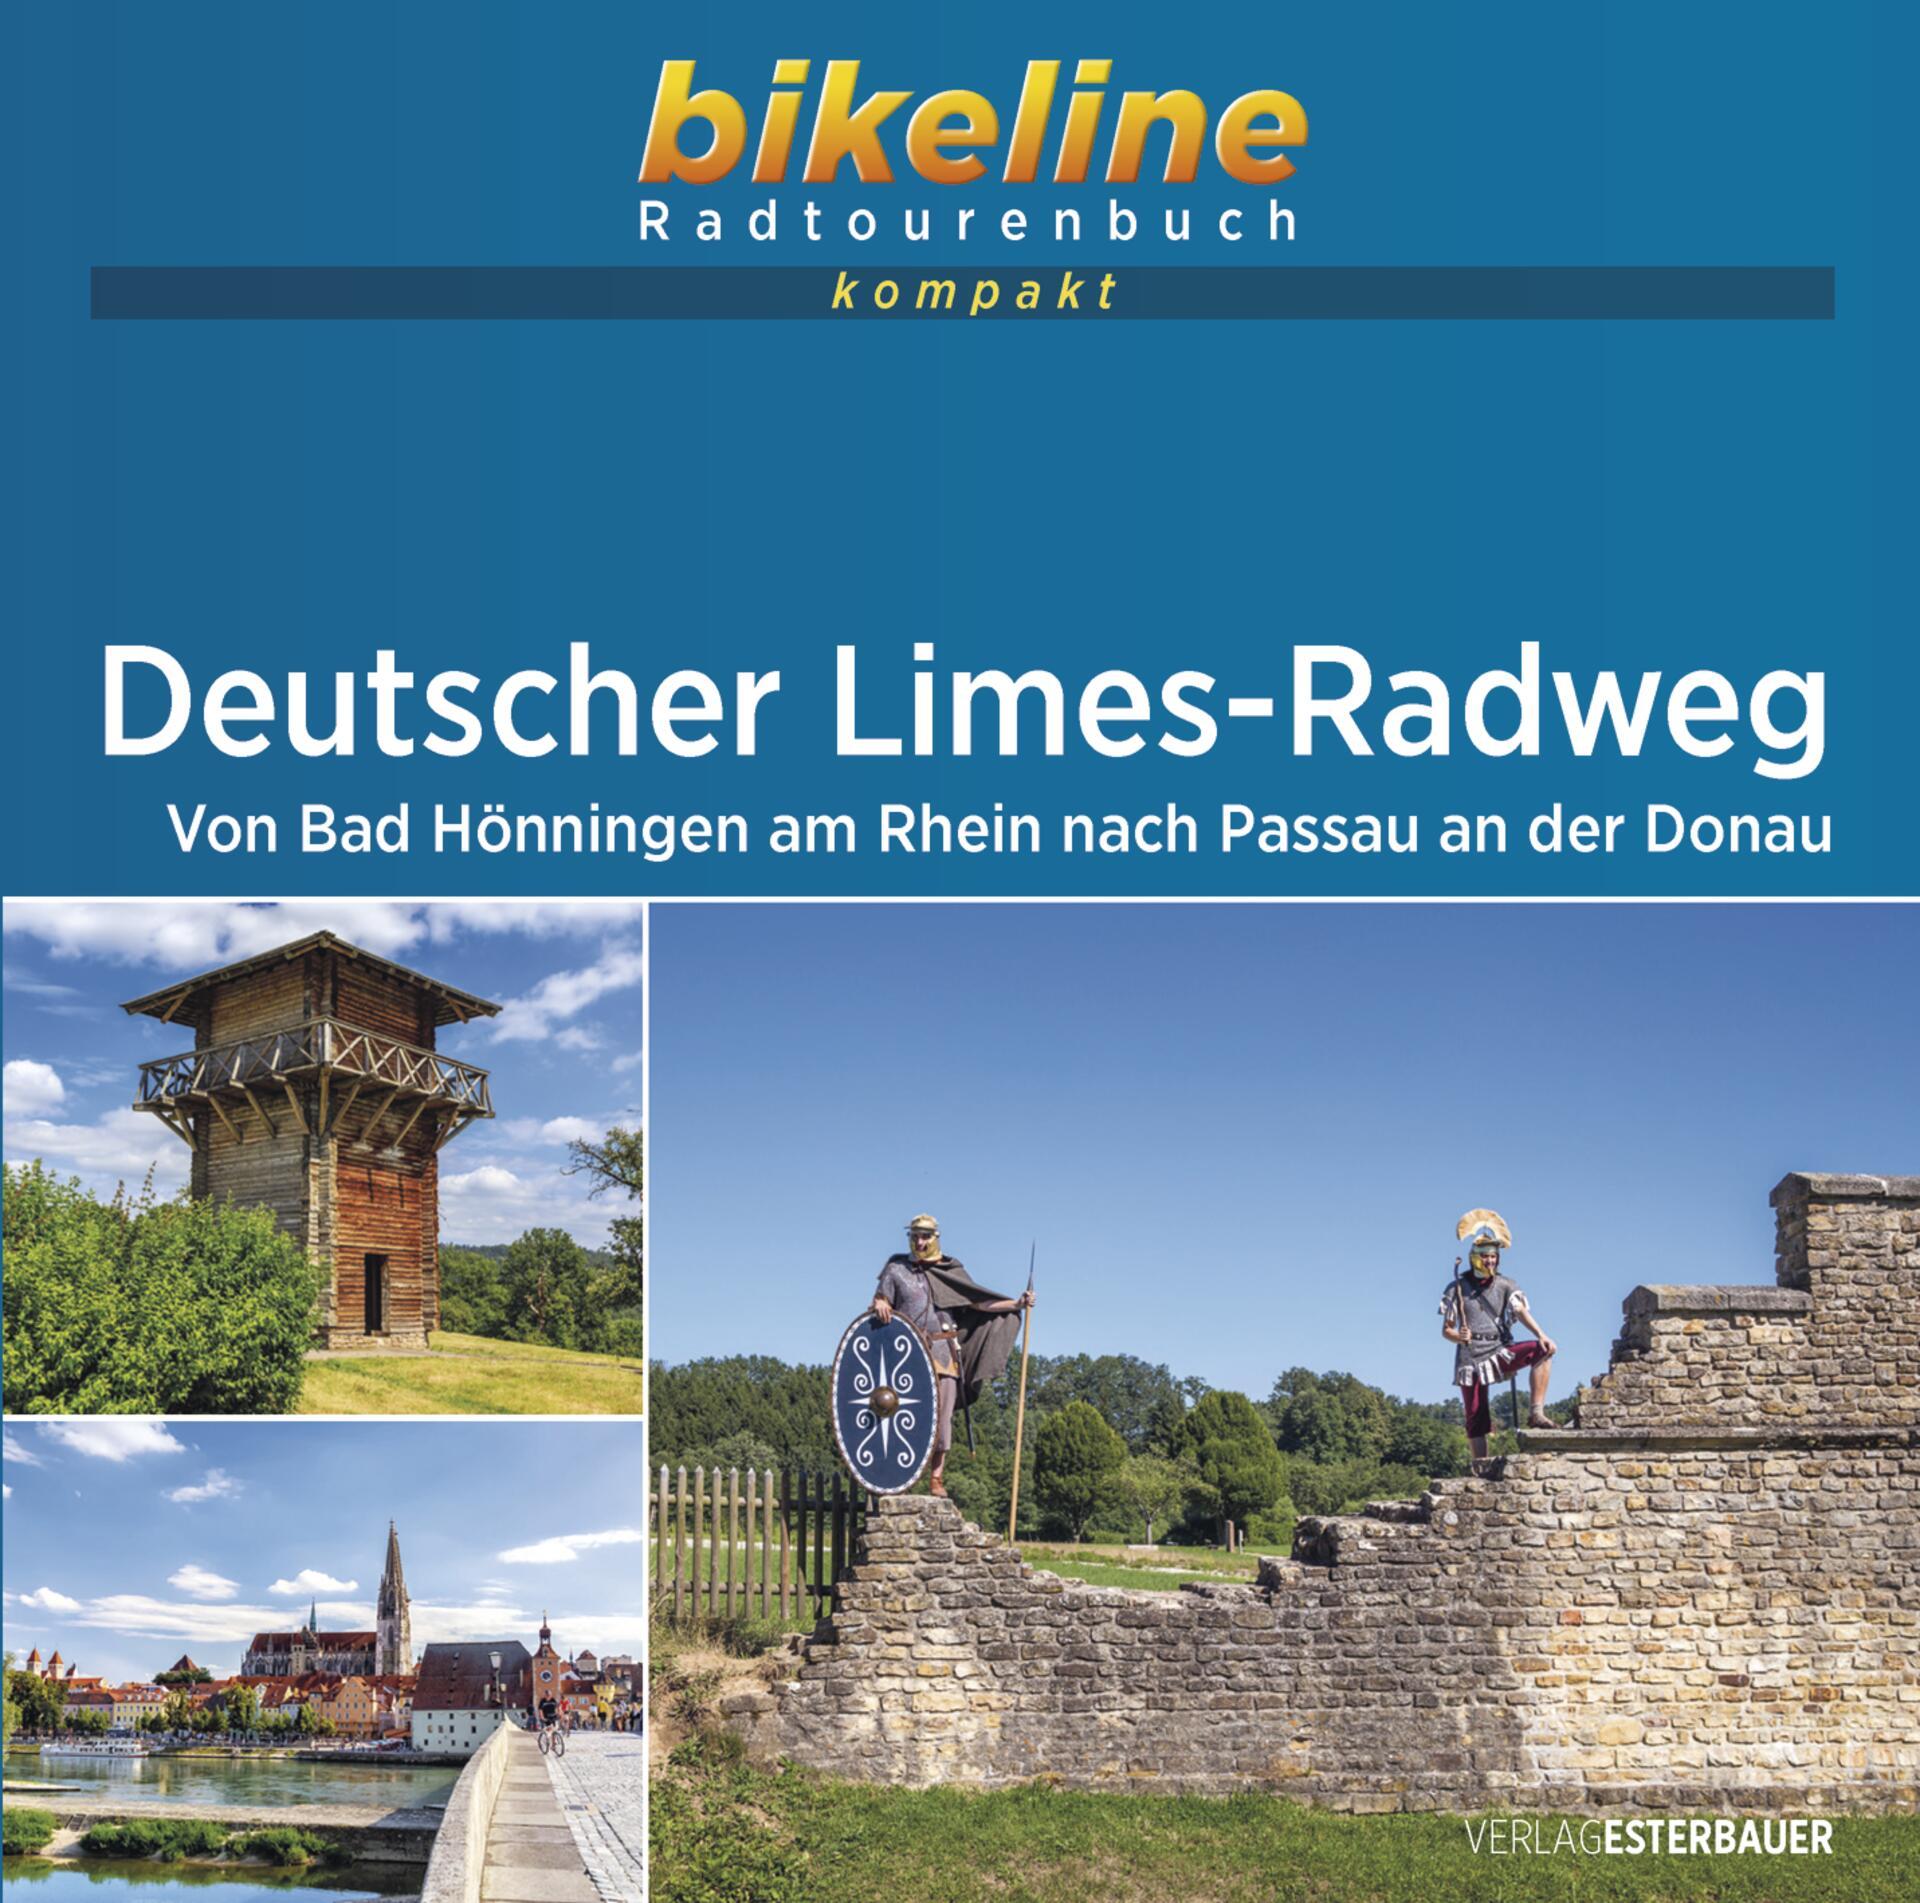 Foto vom Radfernweg Deutscher Limes-Radweg